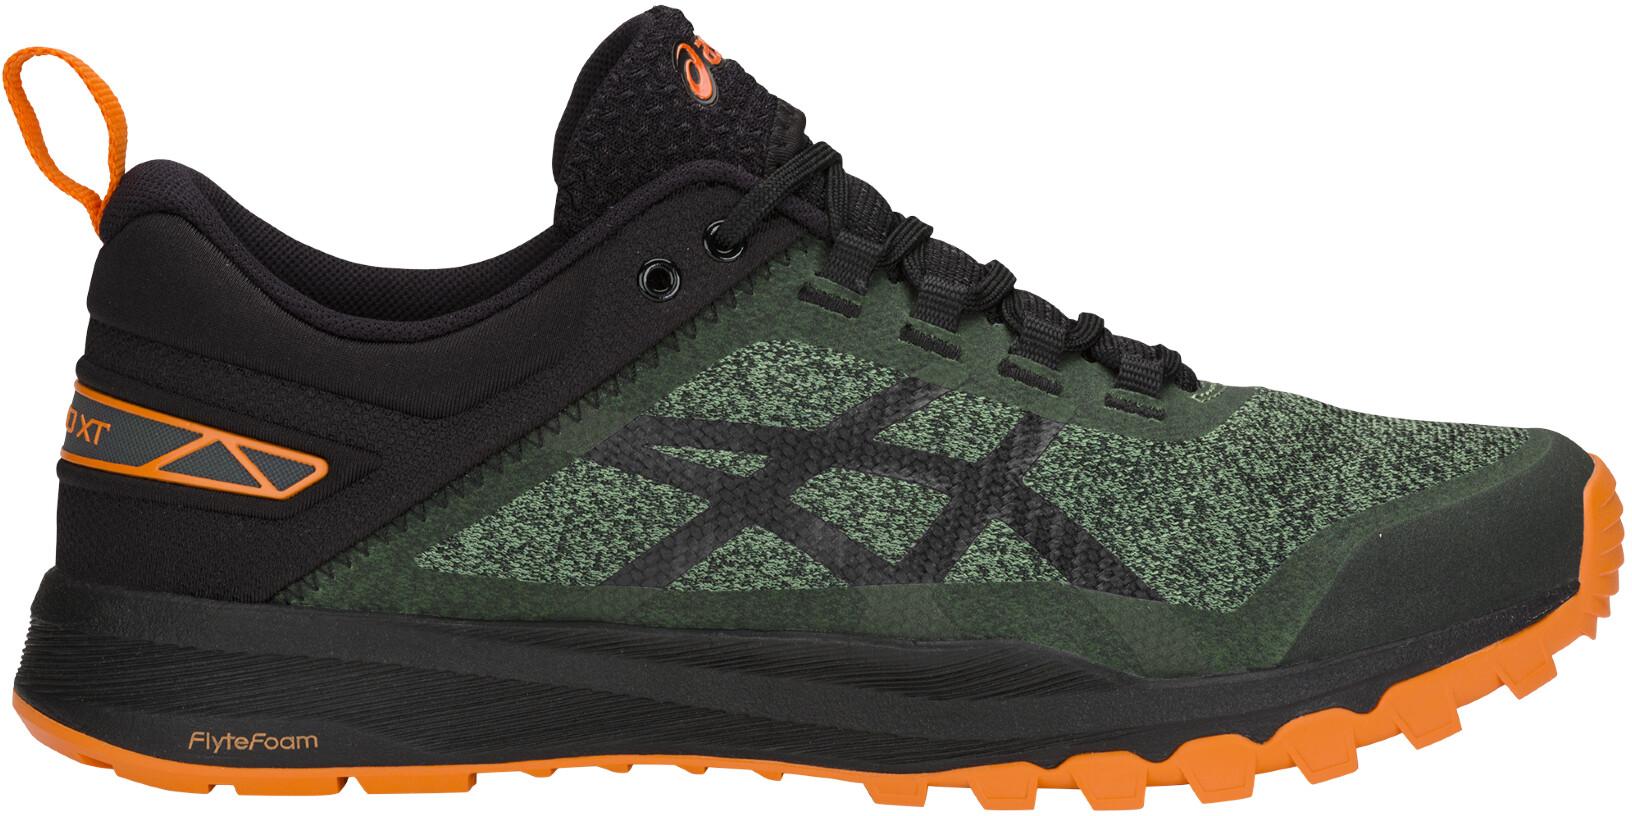 asics Gecko XT - Chaussures running Homme - vert noir - Boutique de ... f4d758538bb2